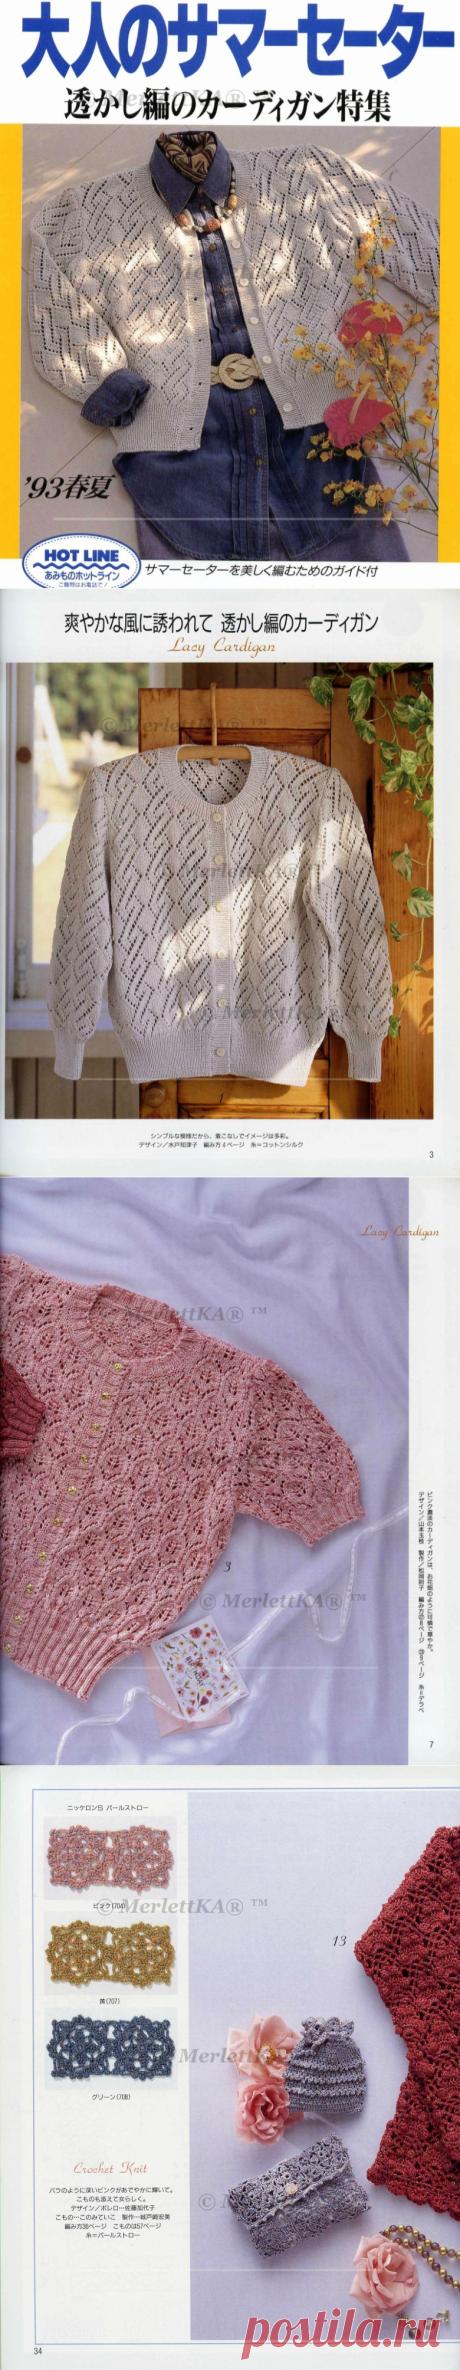 La revista popular japonesa por la labor de punto ~ Lks Lacy Cardigan sp-kr